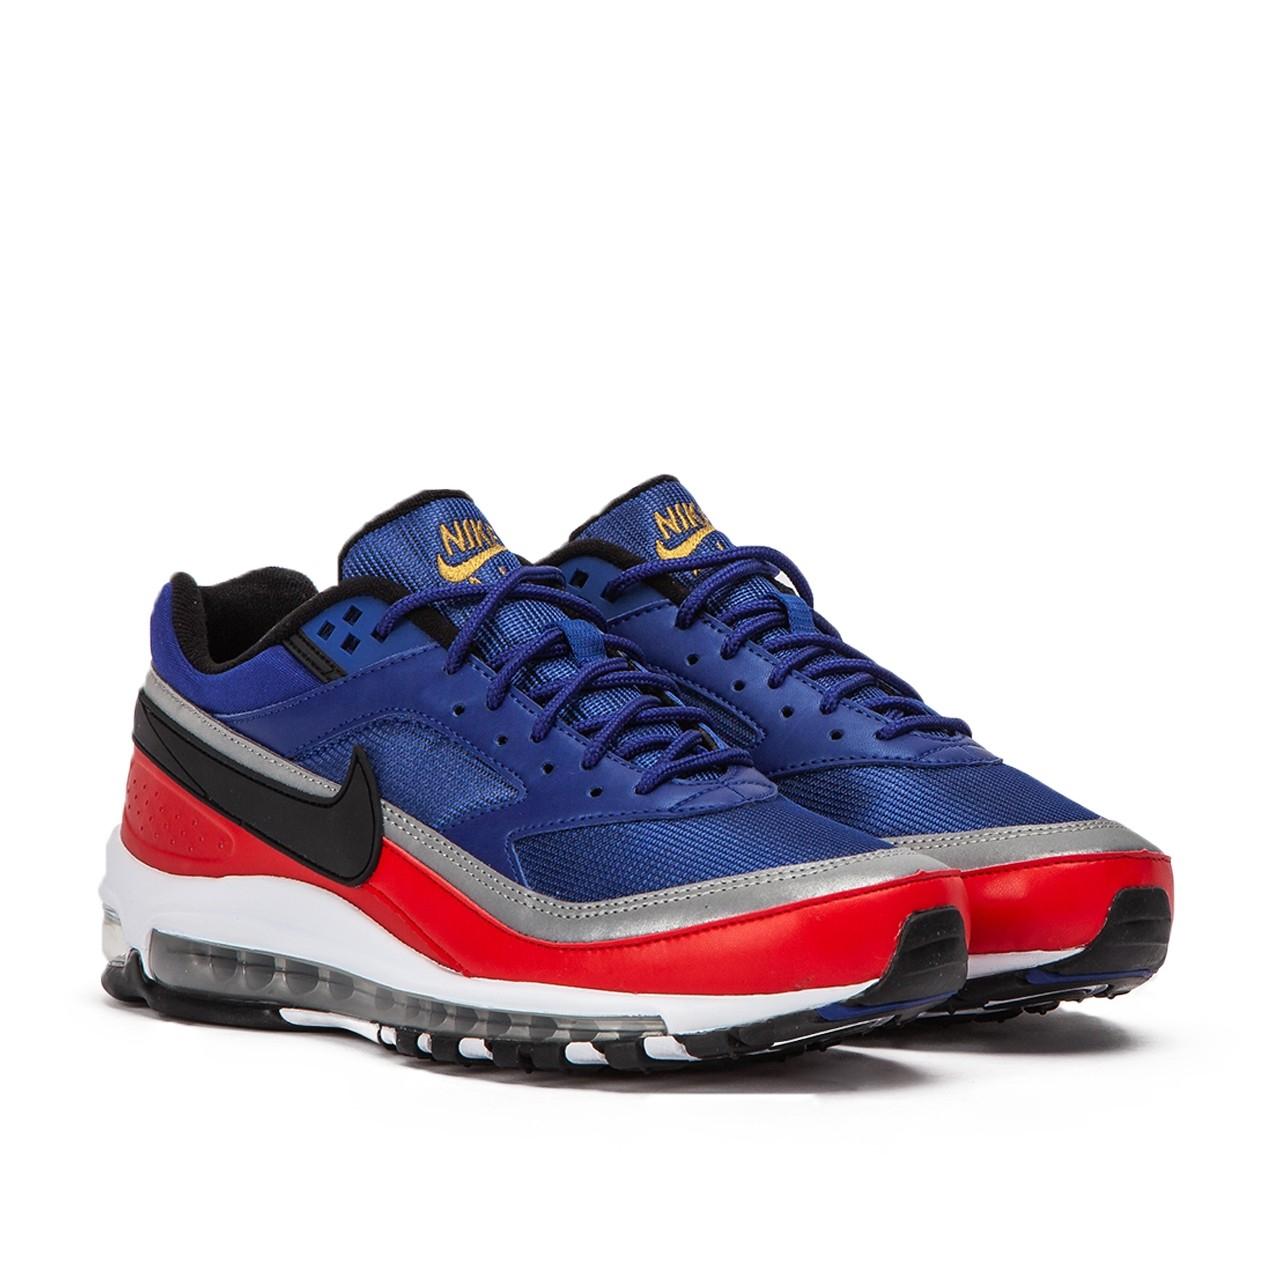 Nike Sportswear Air Max 97/BW in drei Farbvariationen für 95€ inkl. Versand bei [Sneakersnstuff] [Gr. 38,5 - 45,5]